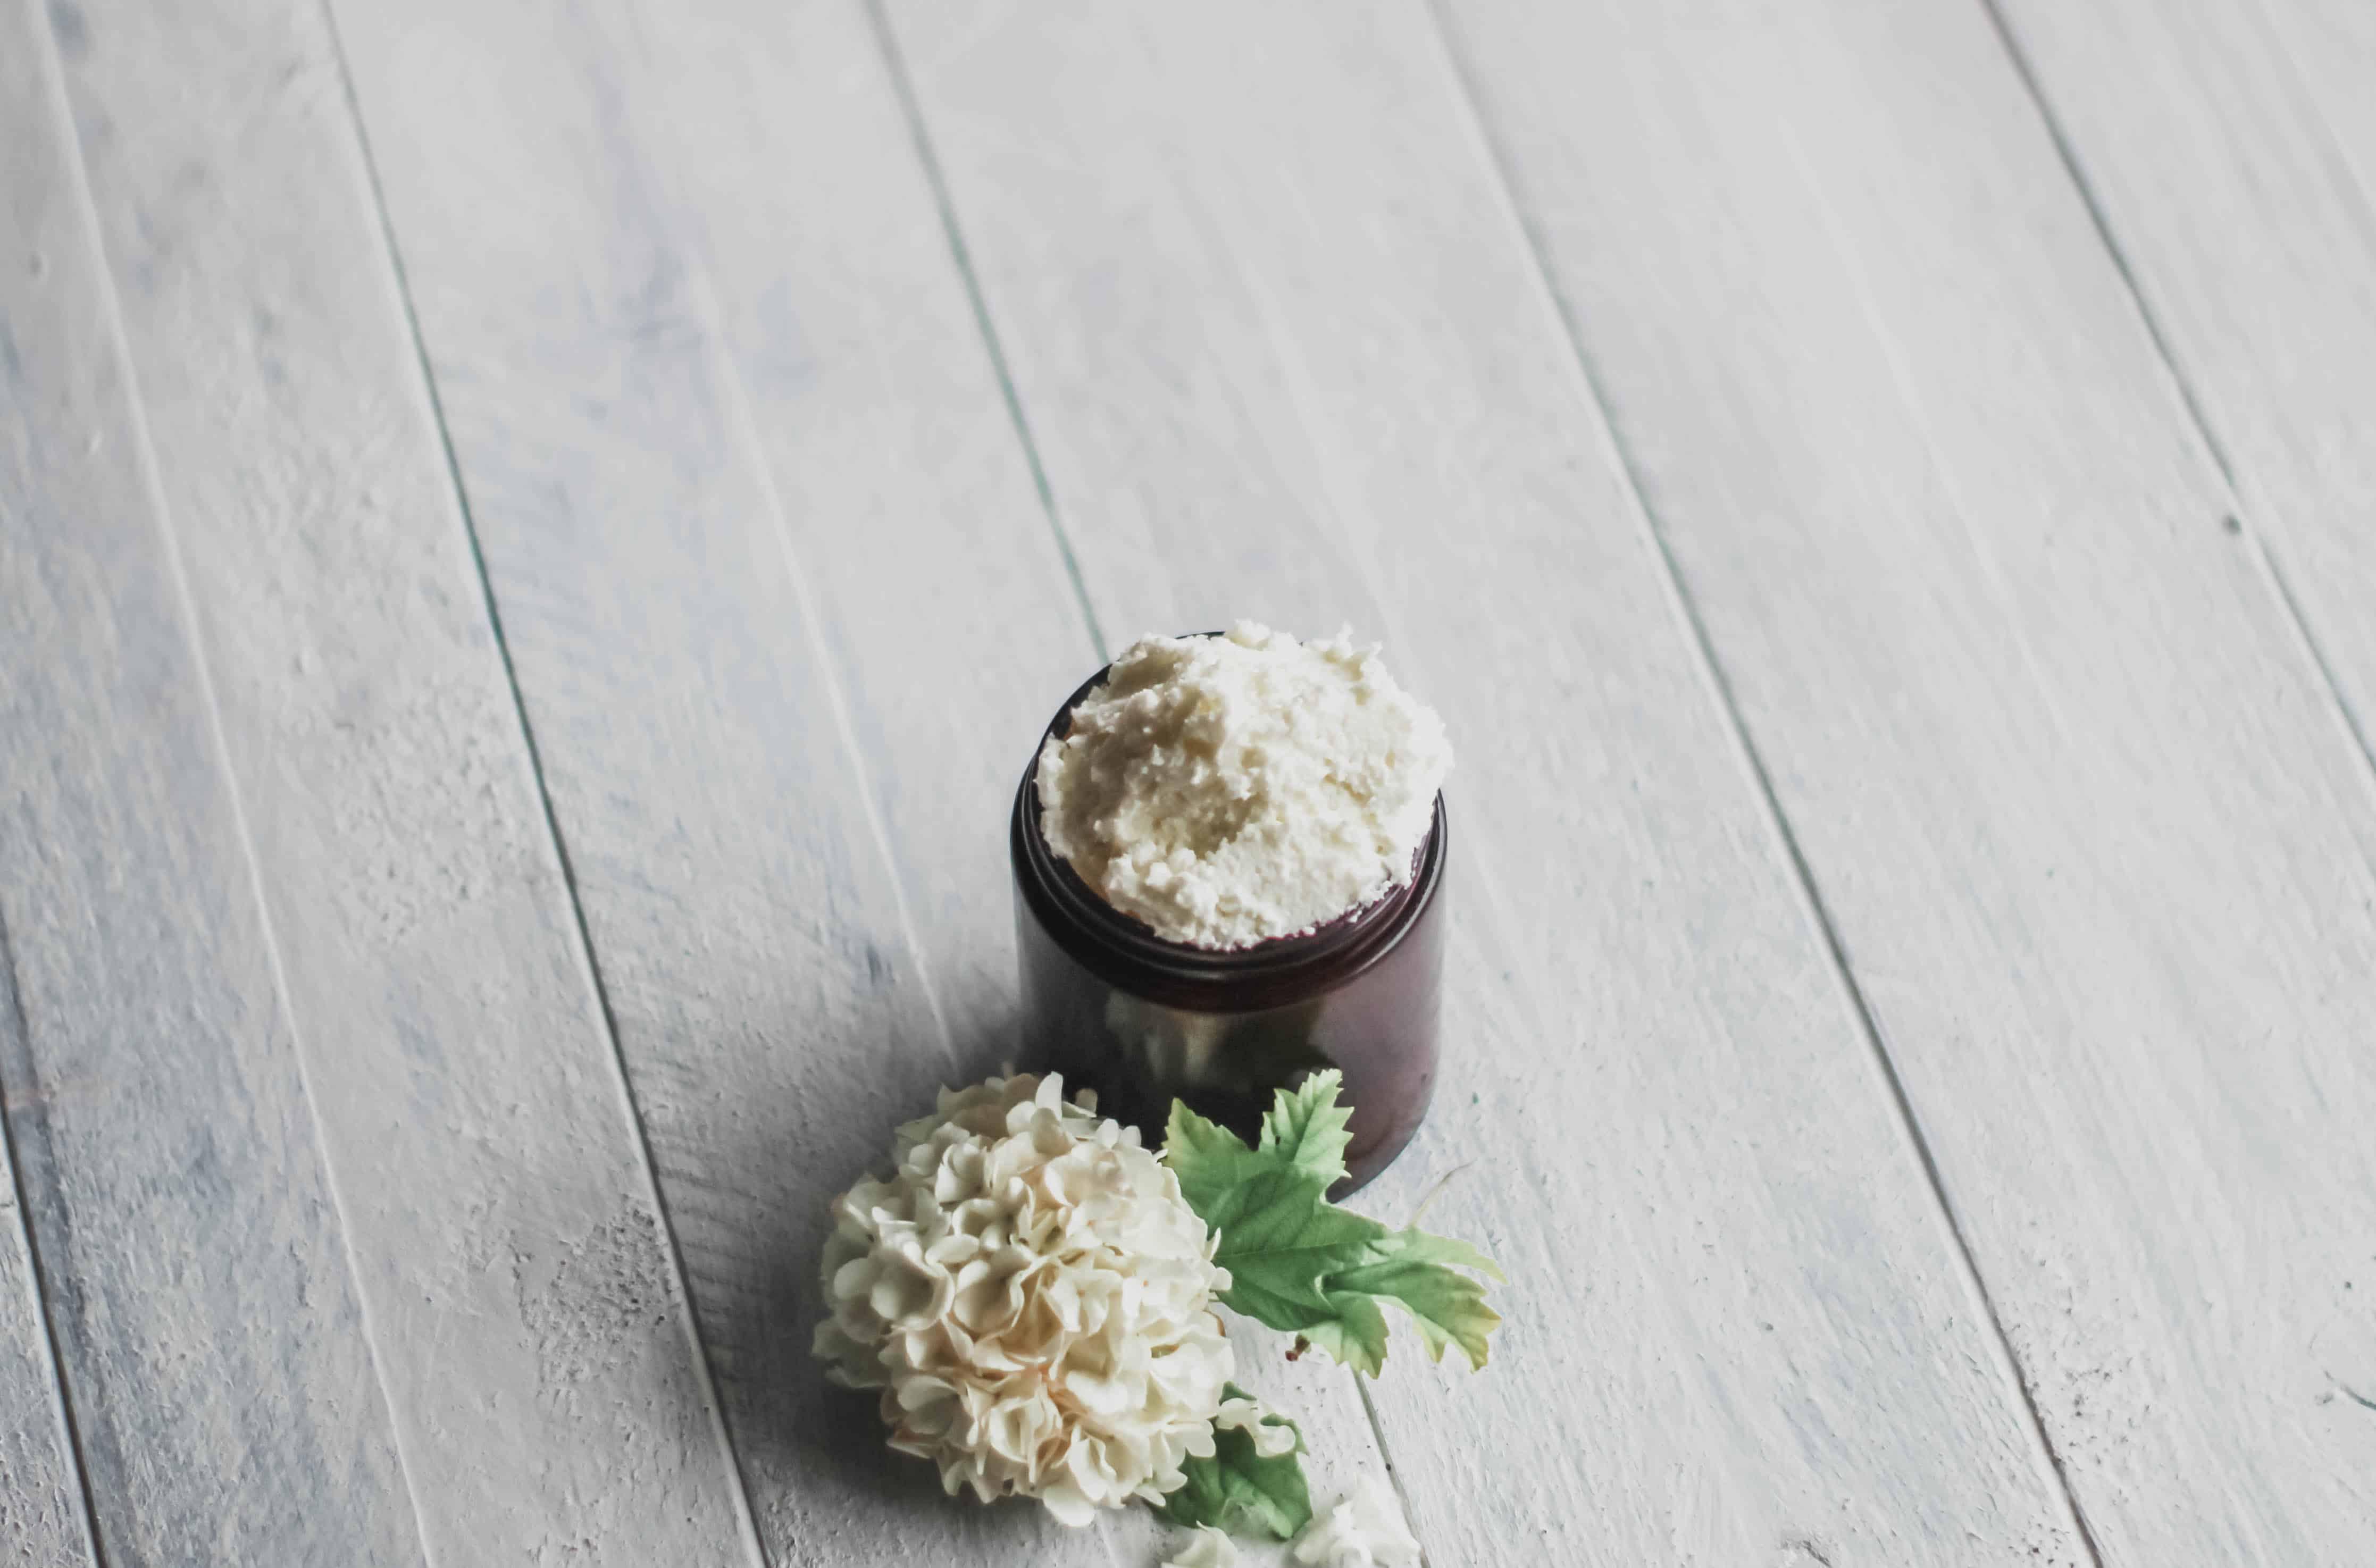 Homemade eczema cream essential oils